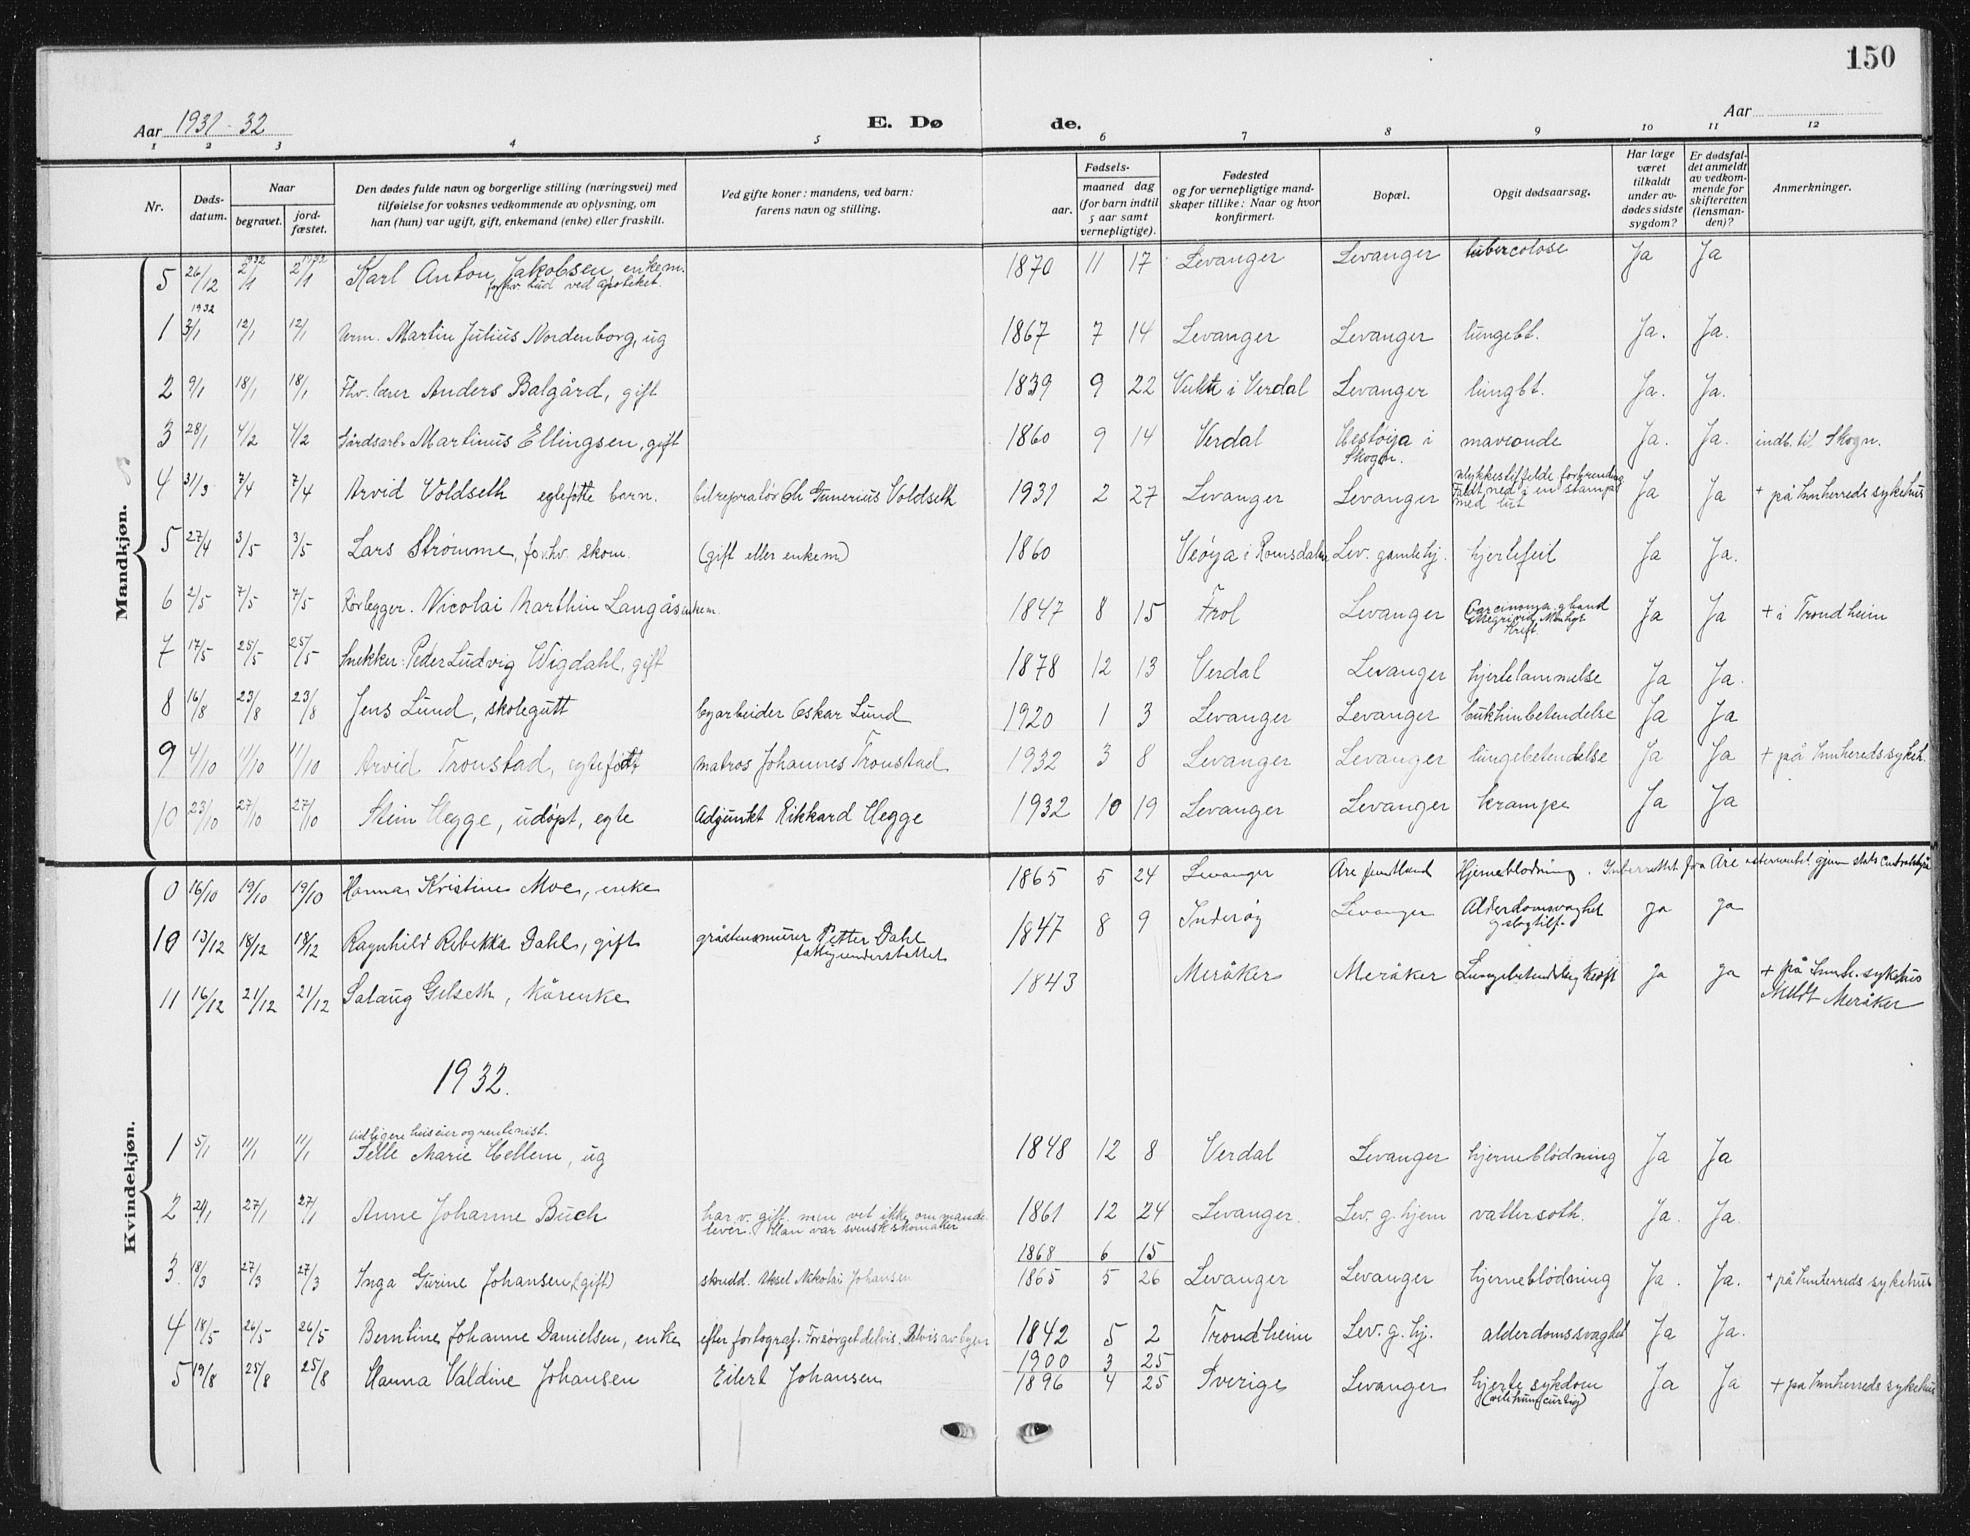 SAT, Ministerialprotokoller, klokkerbøker og fødselsregistre - Nord-Trøndelag, 720/L0193: Klokkerbok nr. 720C02, 1918-1941, s. 150